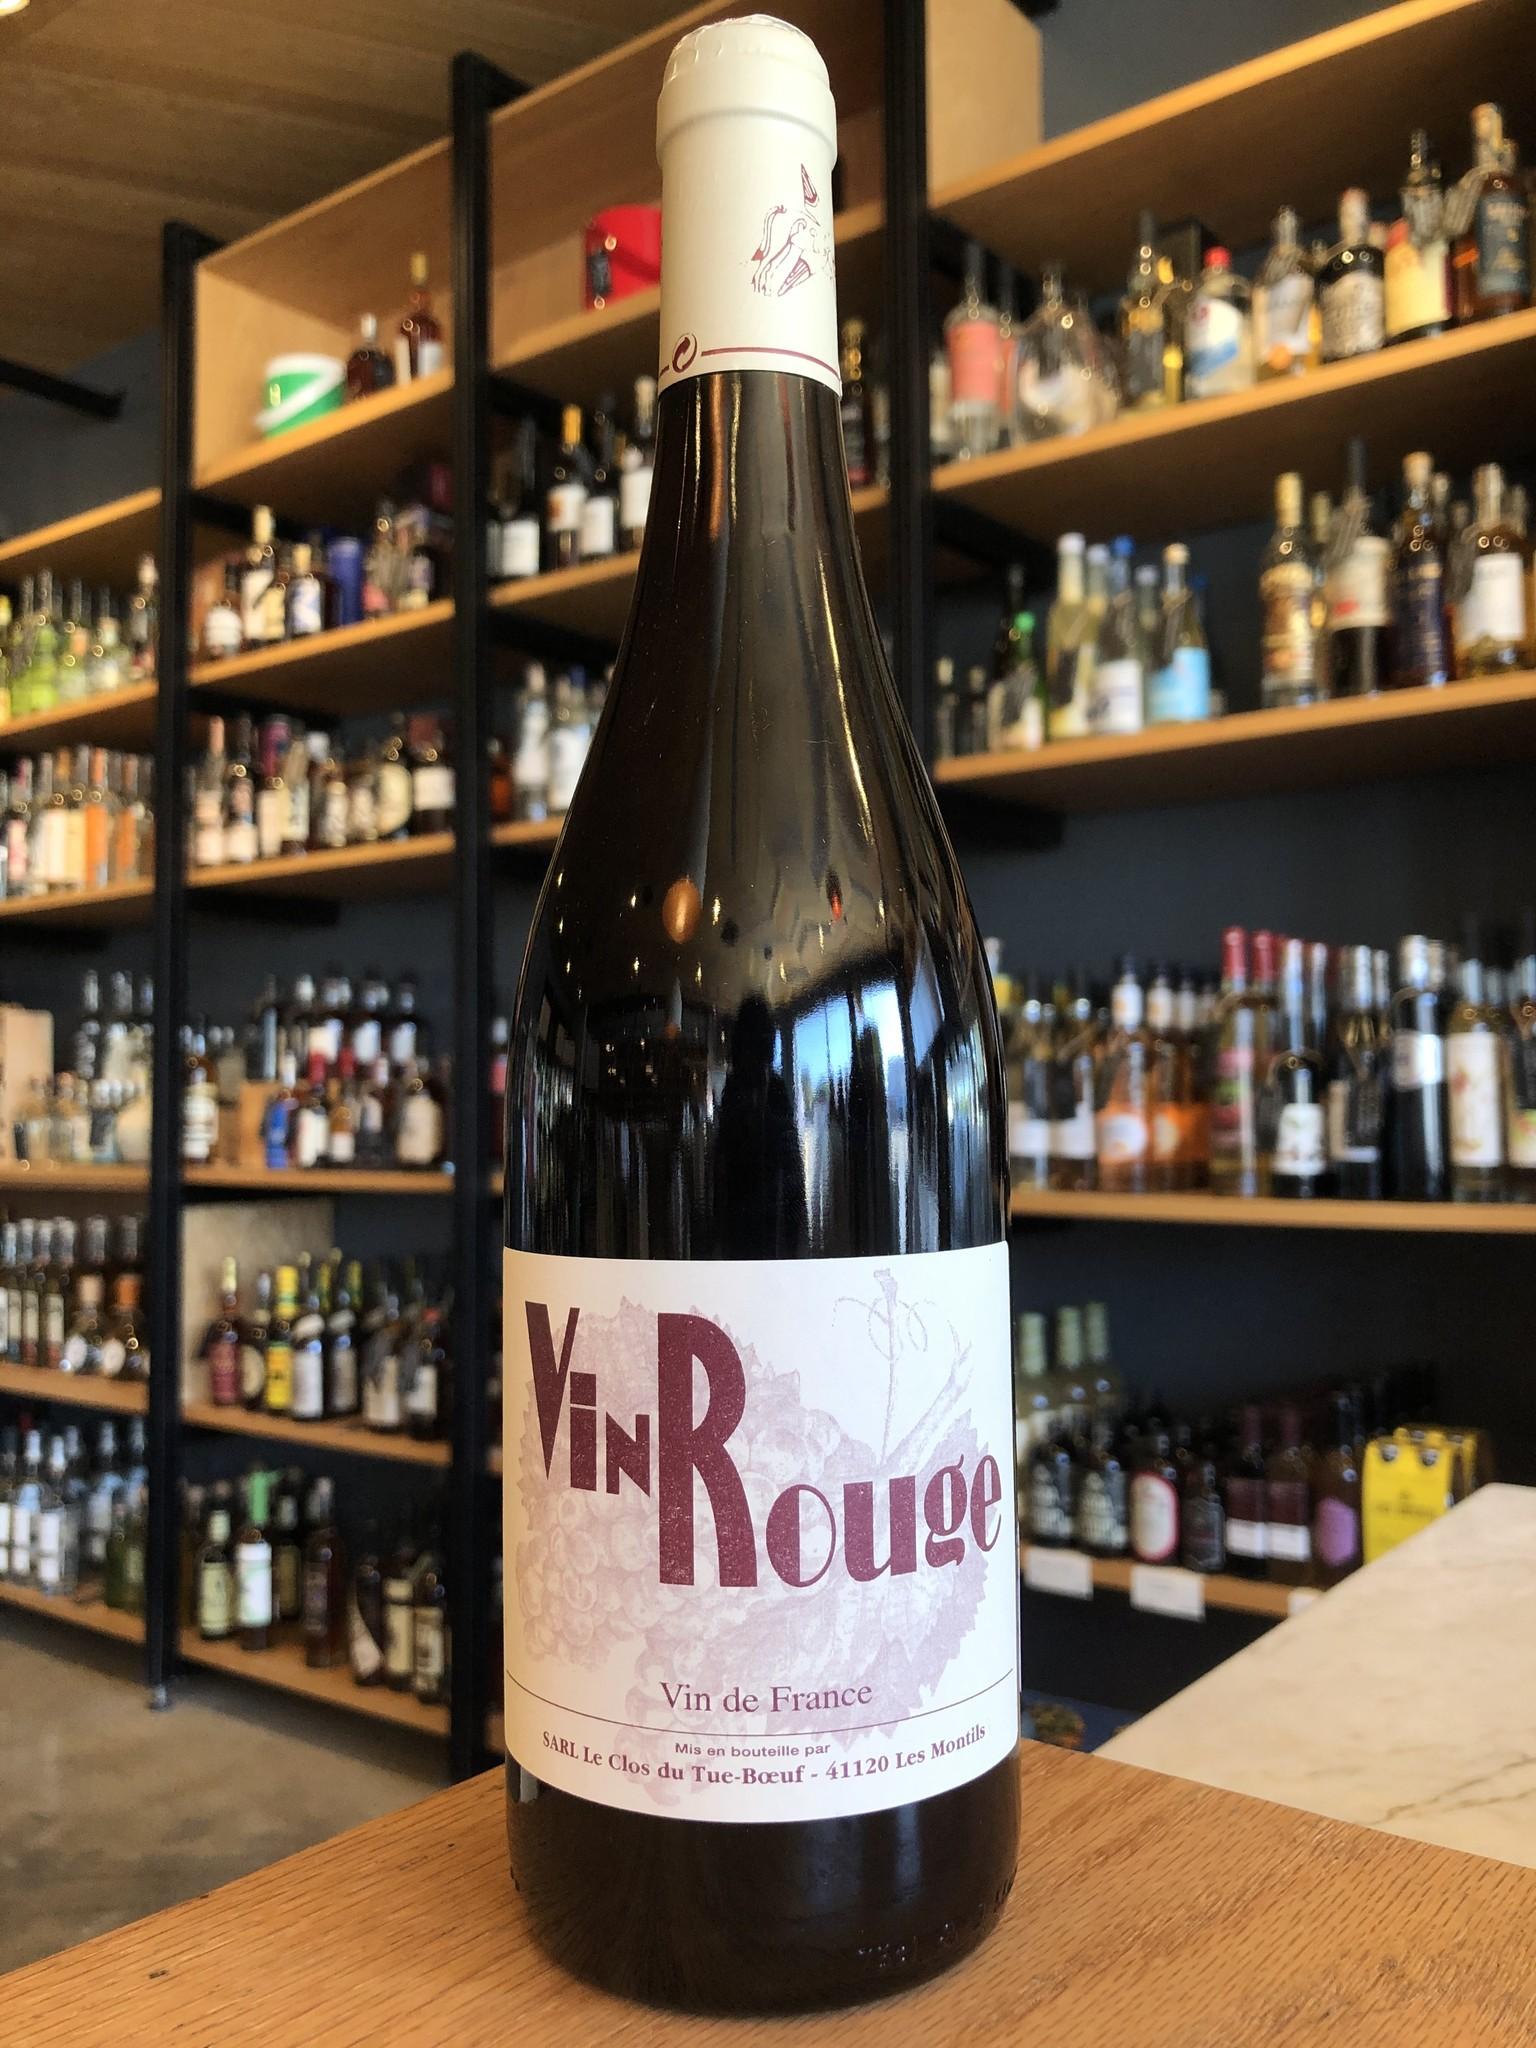 Le Clos du Tue-Bouef 2019 Clos du Tue-Boeuf 'Vin Rouge' 750ml